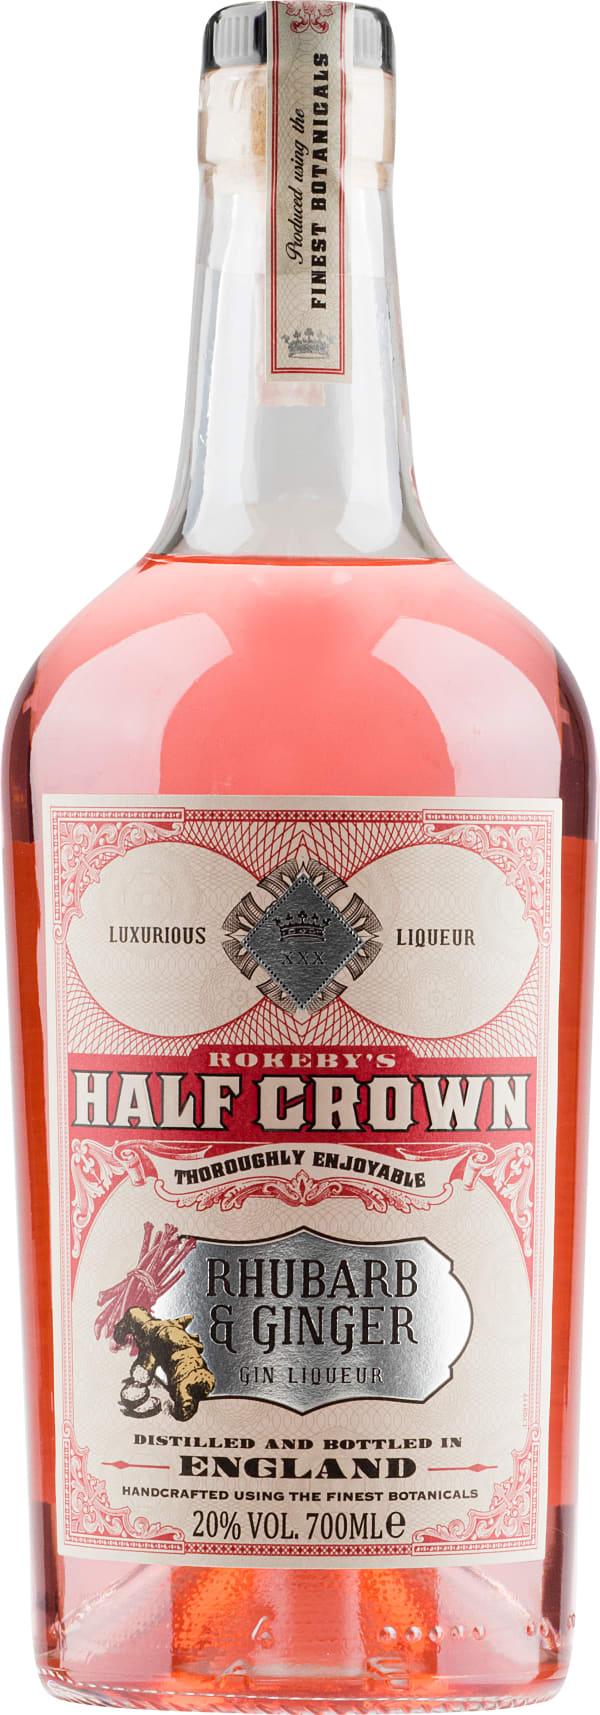 Half Crown Rhubarb & Ginger